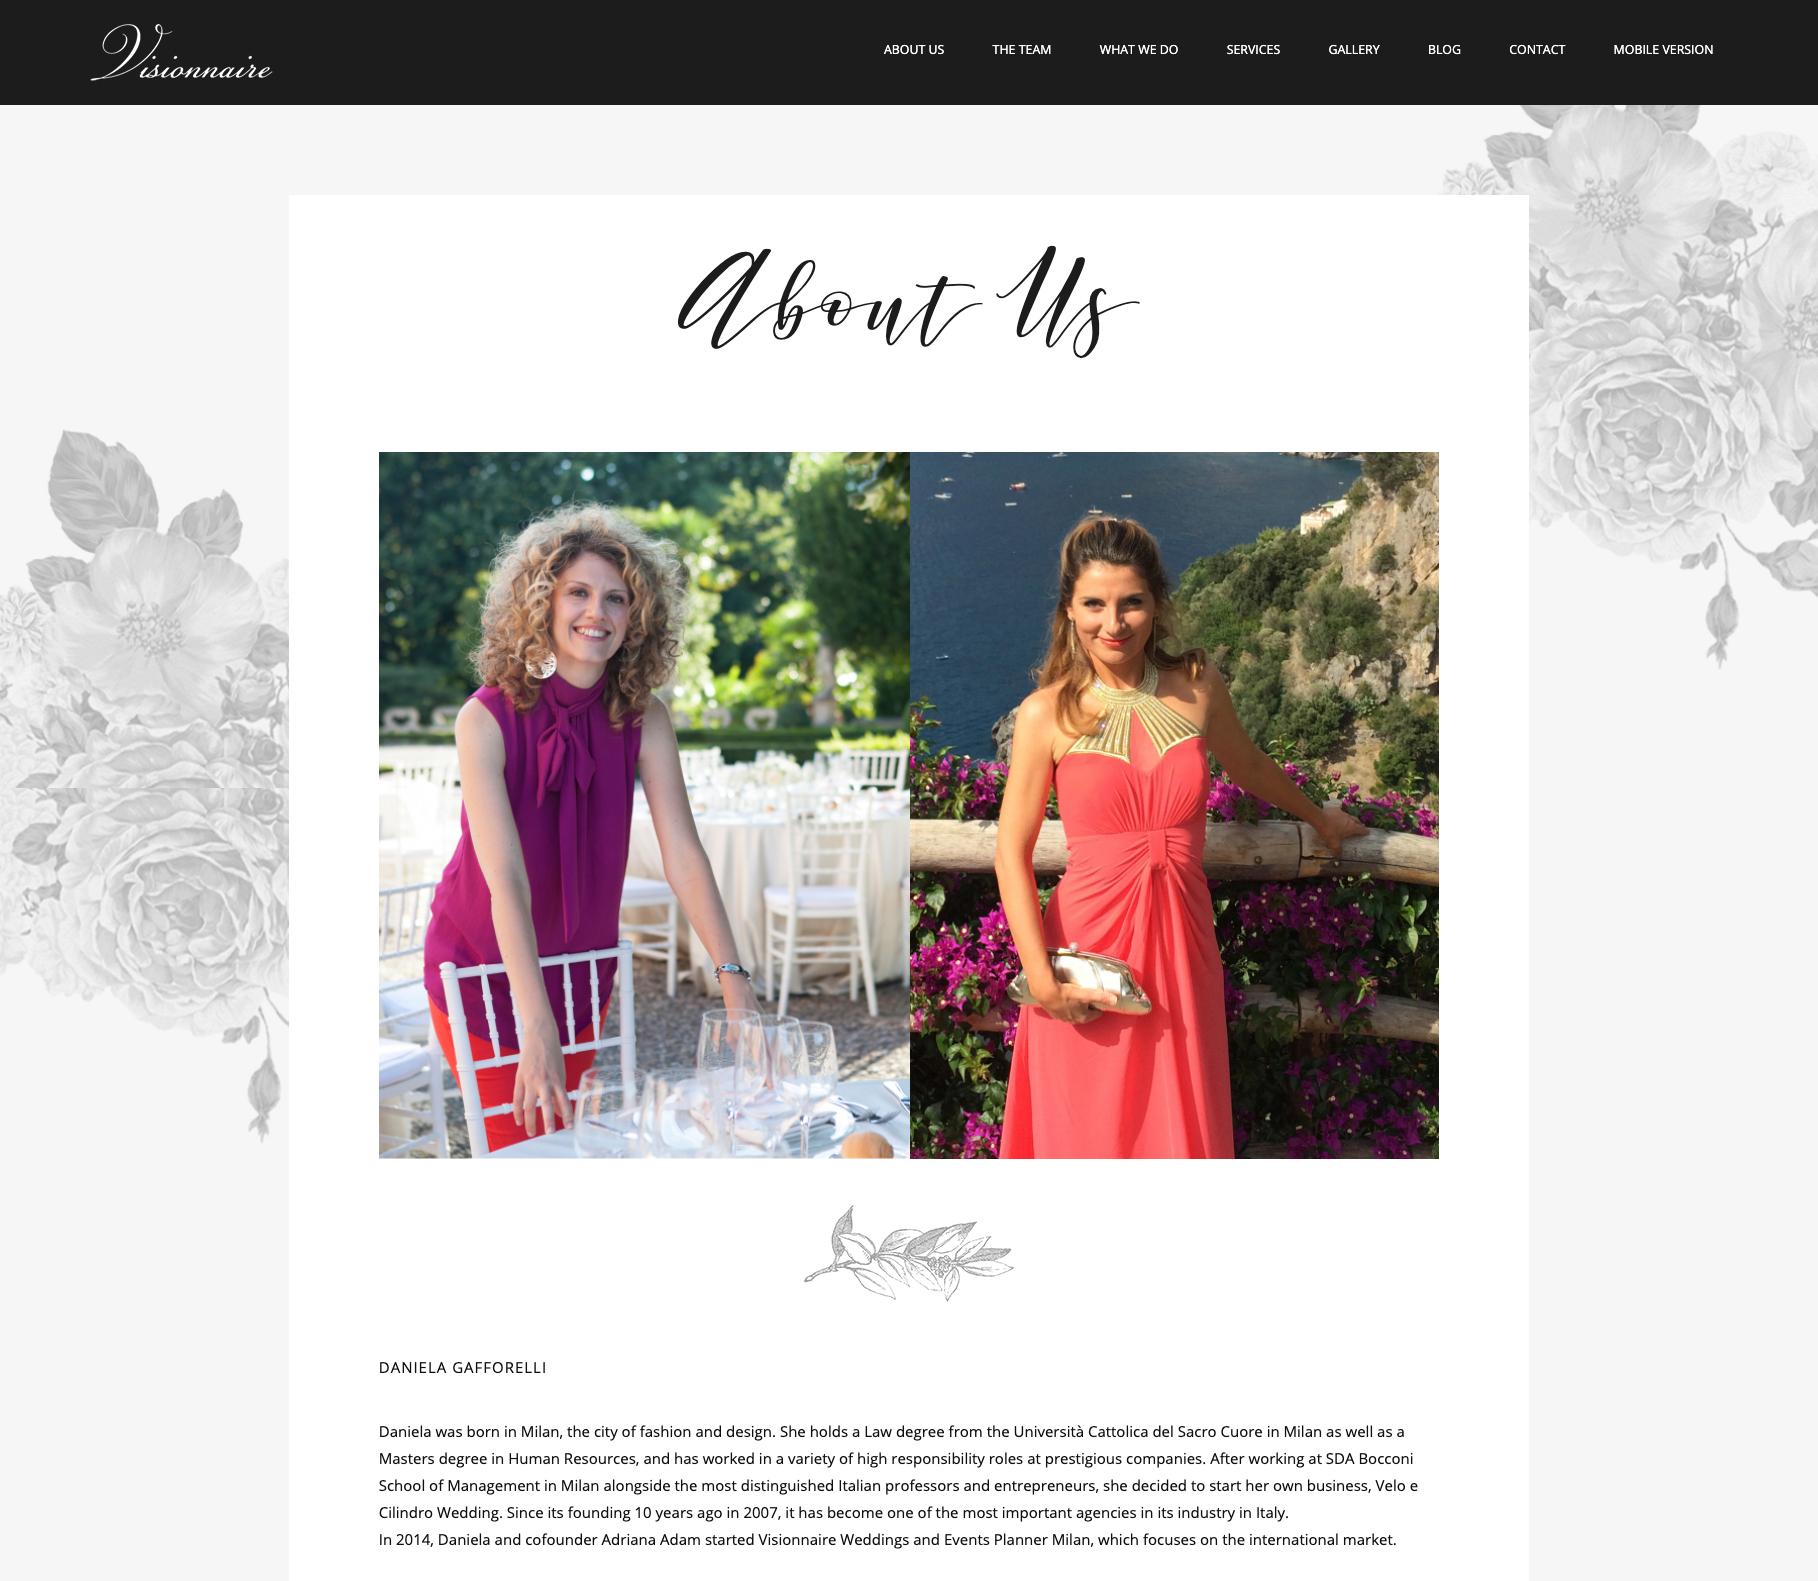 Sito Visionnaire wedding - aurorachiara.com